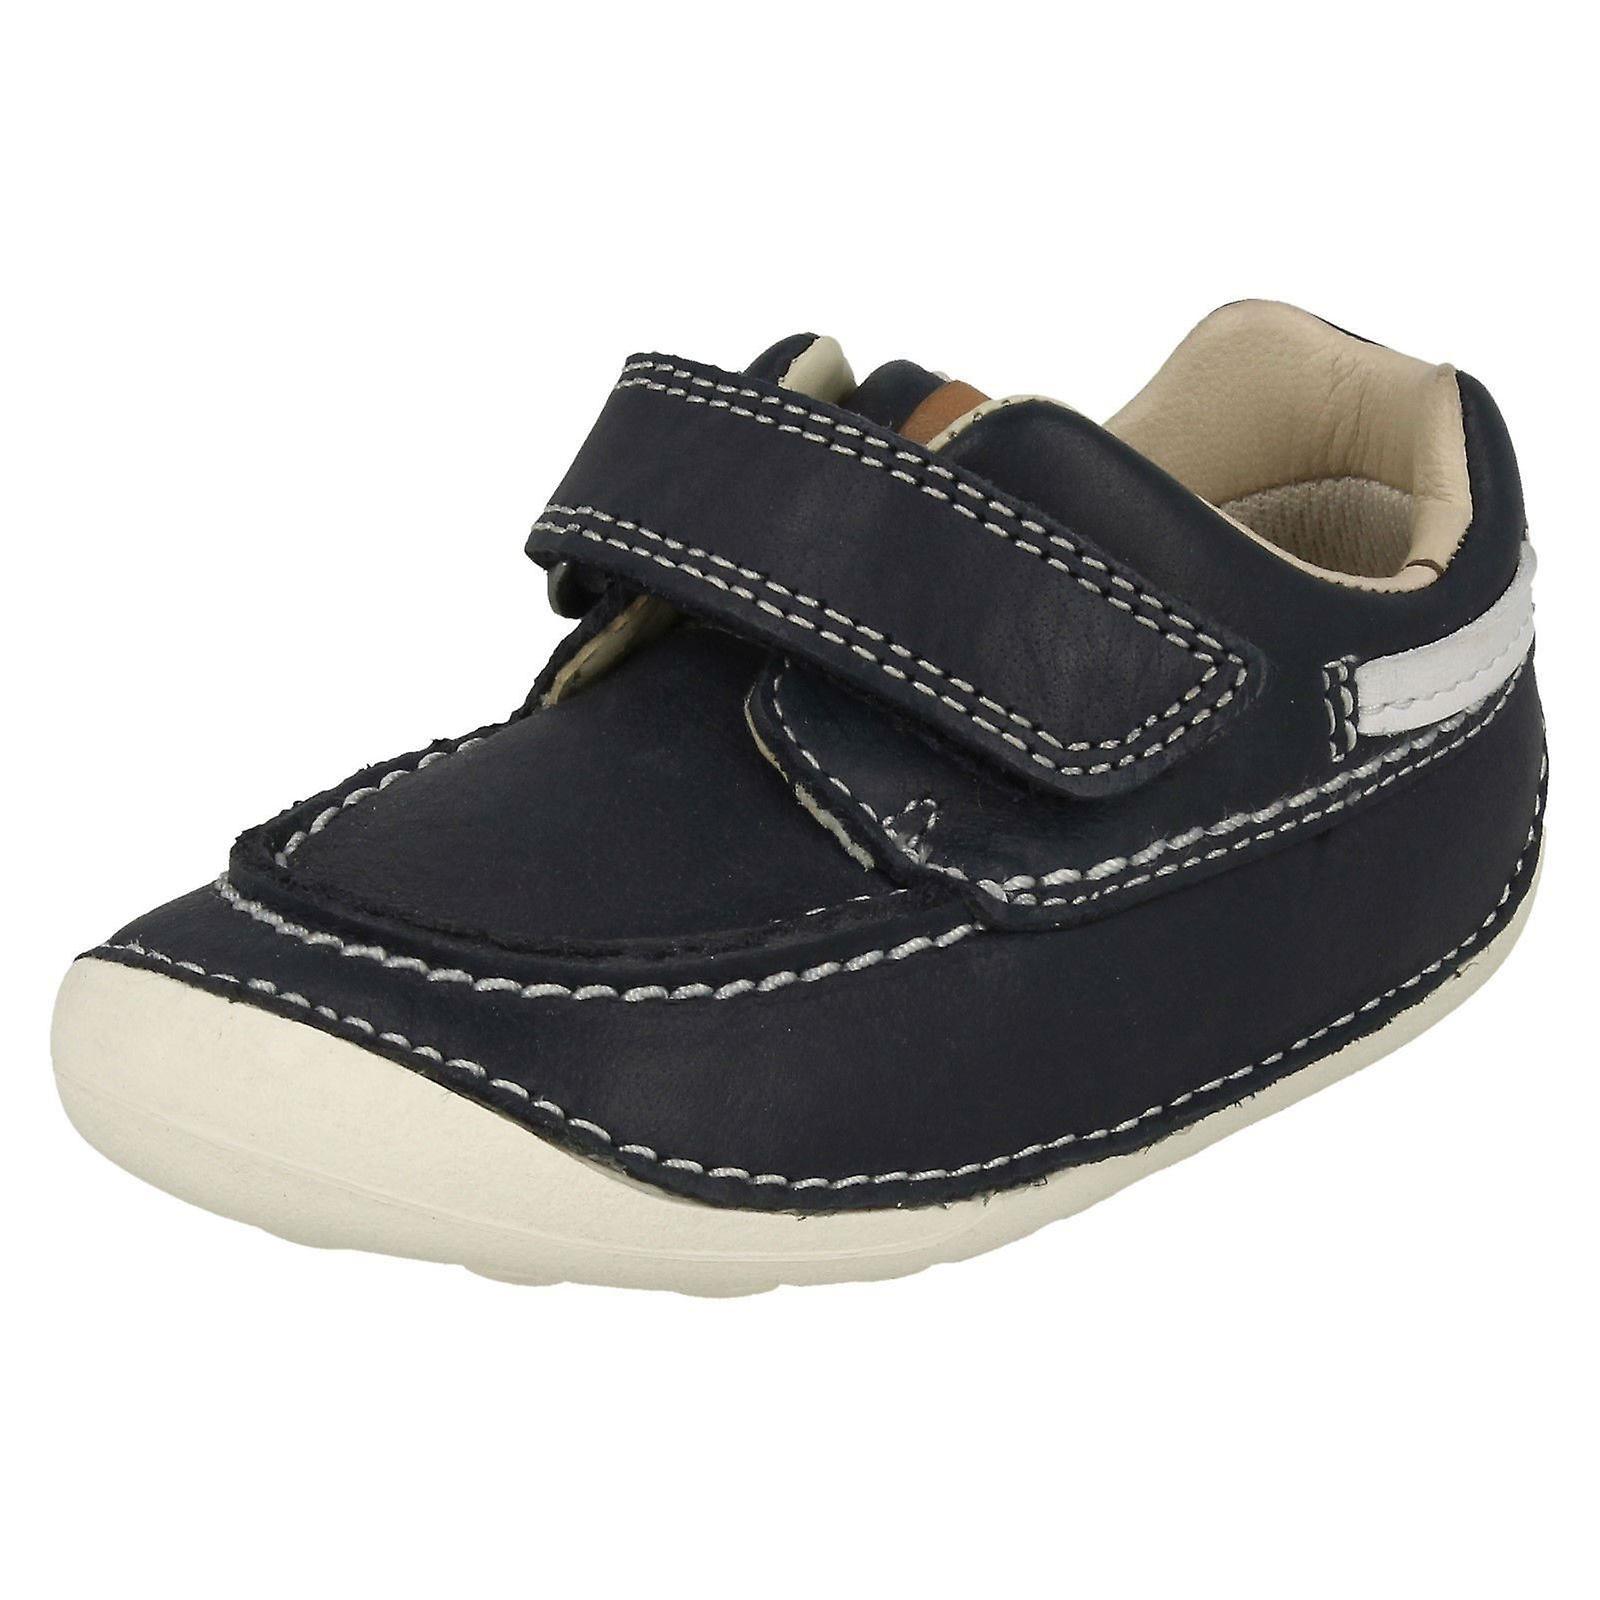 c3b3342da Niños Clarks preandante varios zapatos de nube pequeña